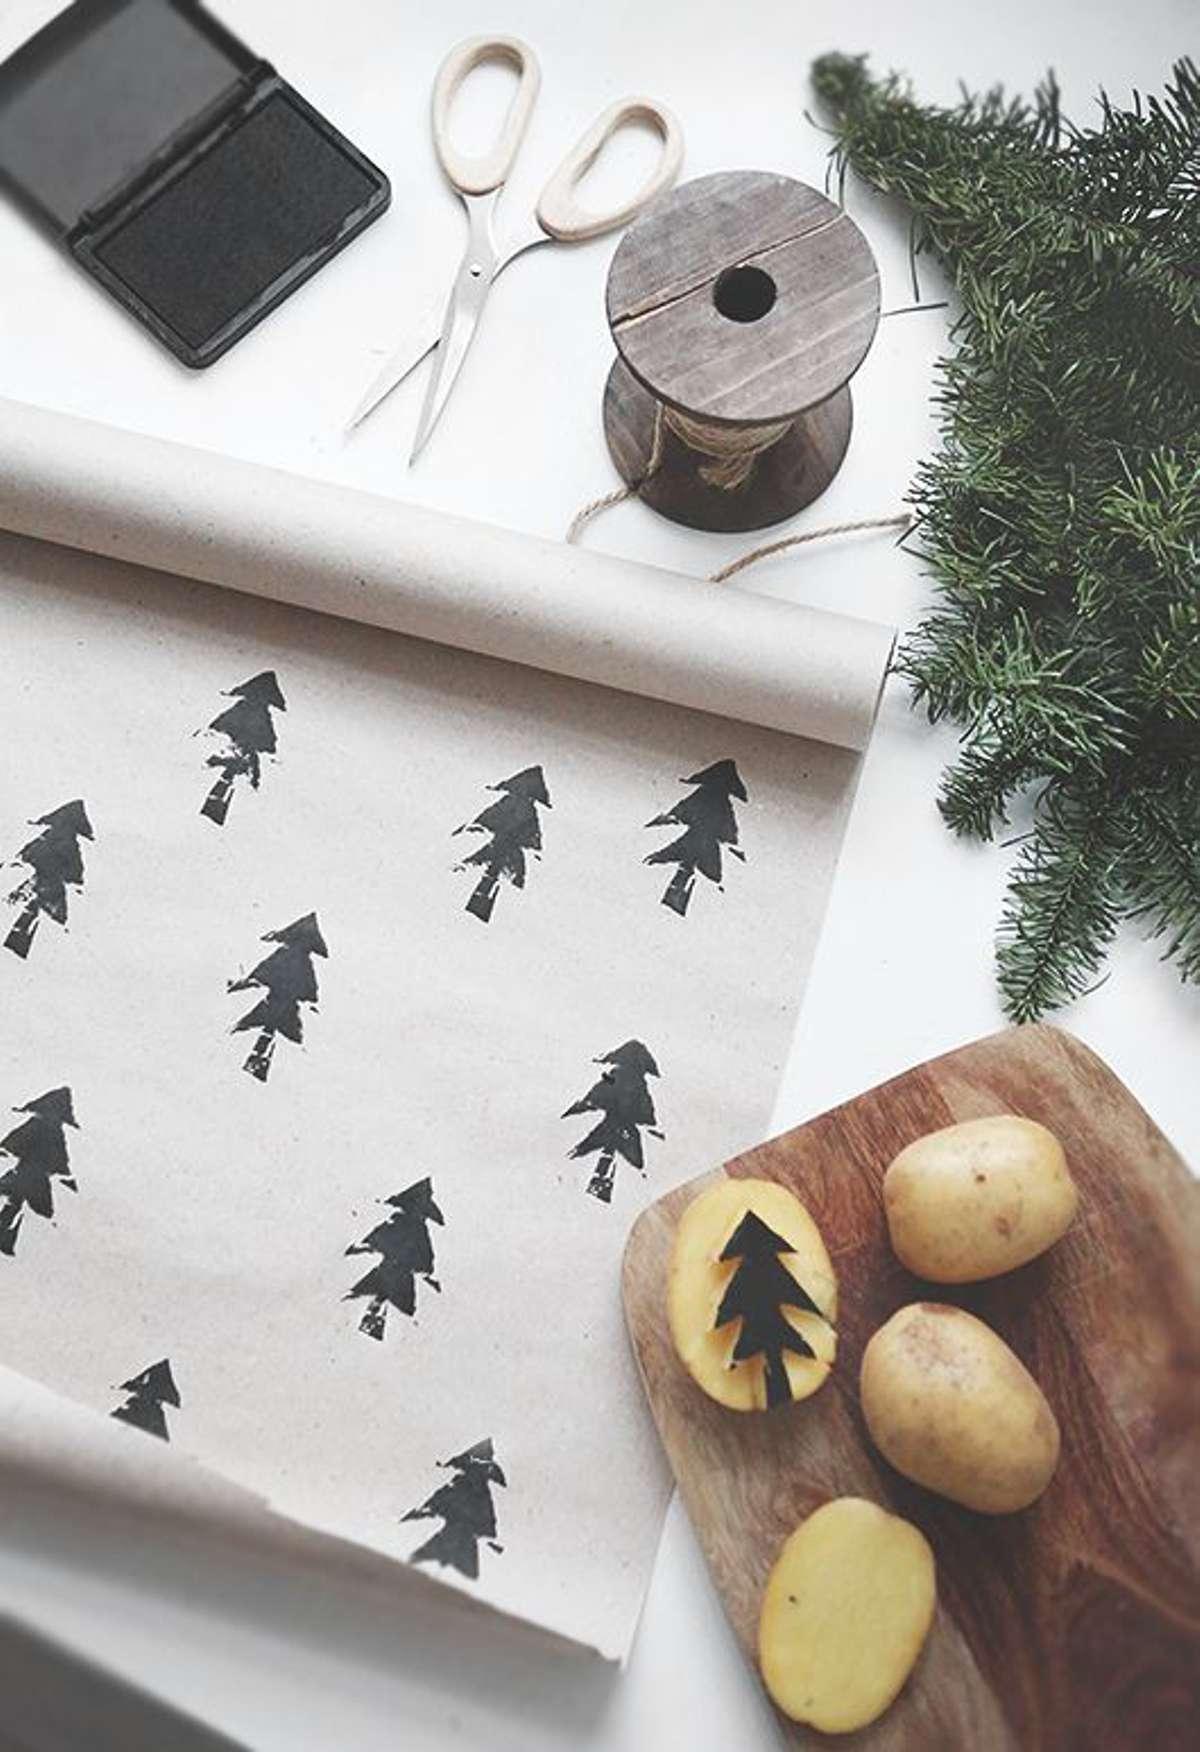 Originales ideas para decorar y envolver los regalos navideños 8